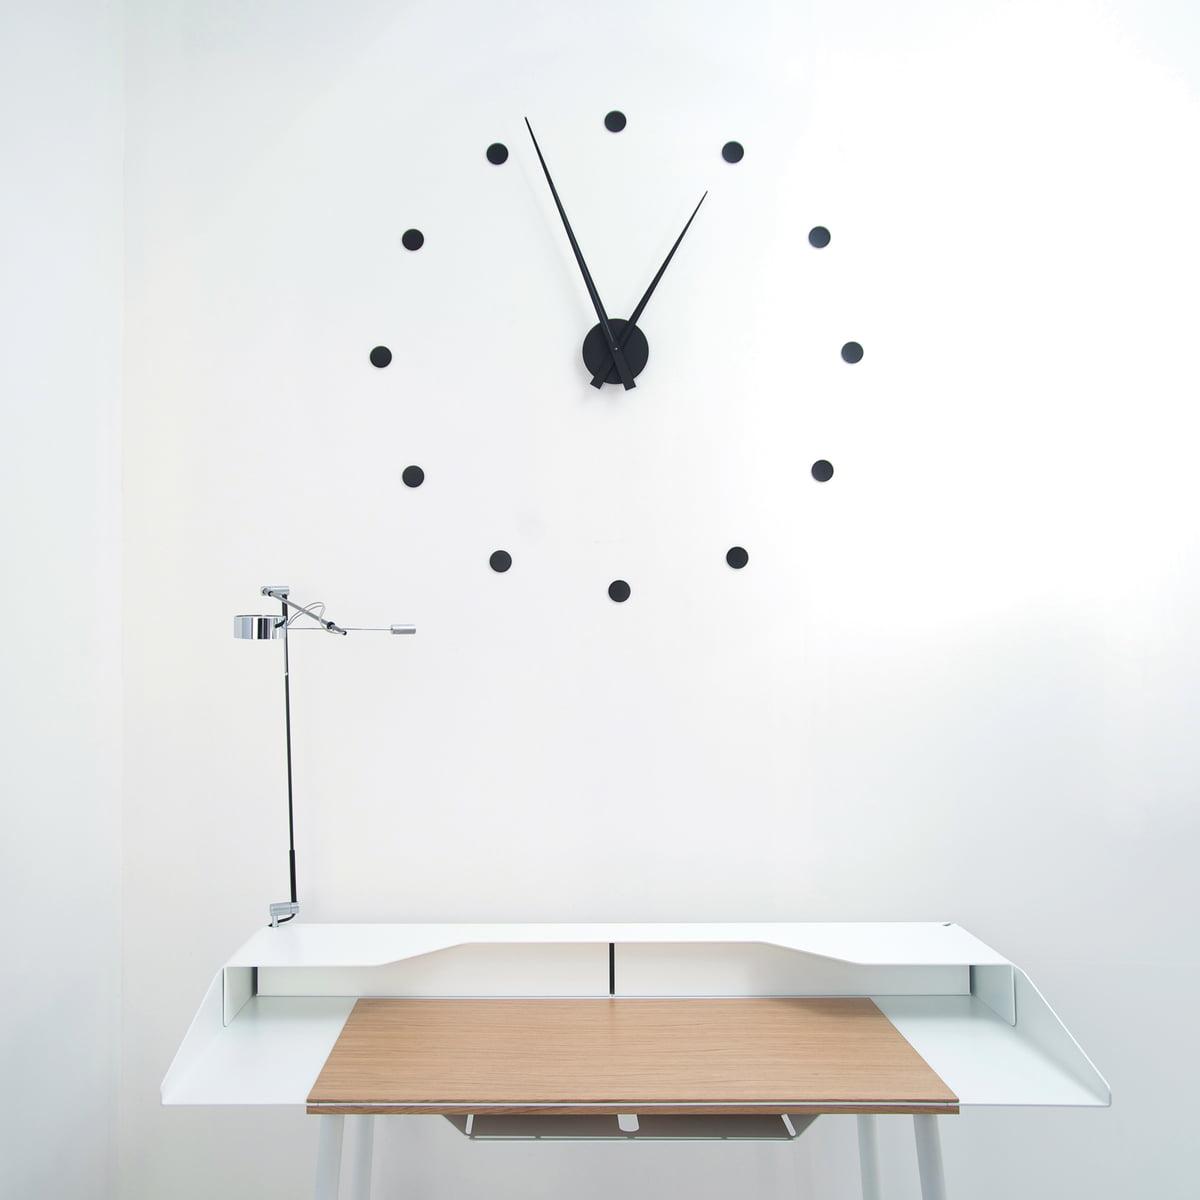 vægur design Flexible ur fra Radius Design vægur design